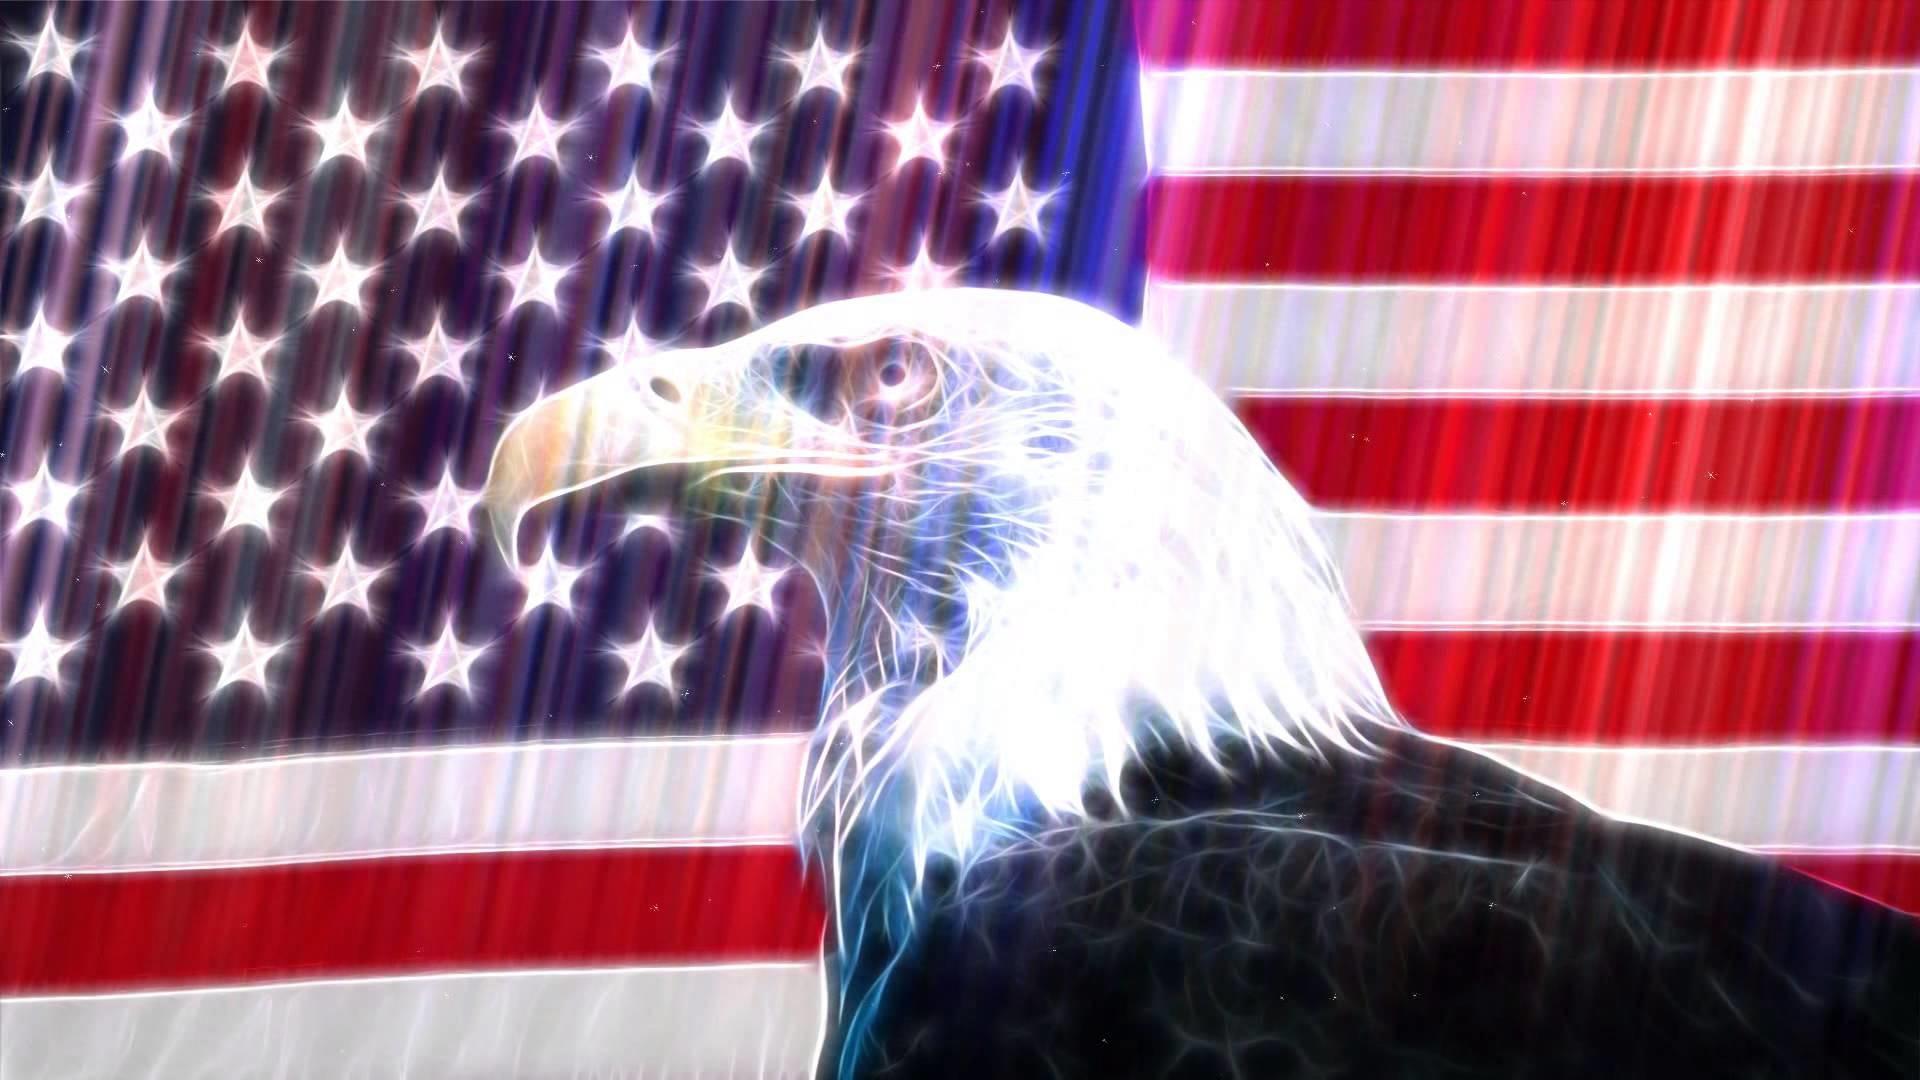 American Flag Animated Wallpaper https://www.desktopanimated.com – YouTube